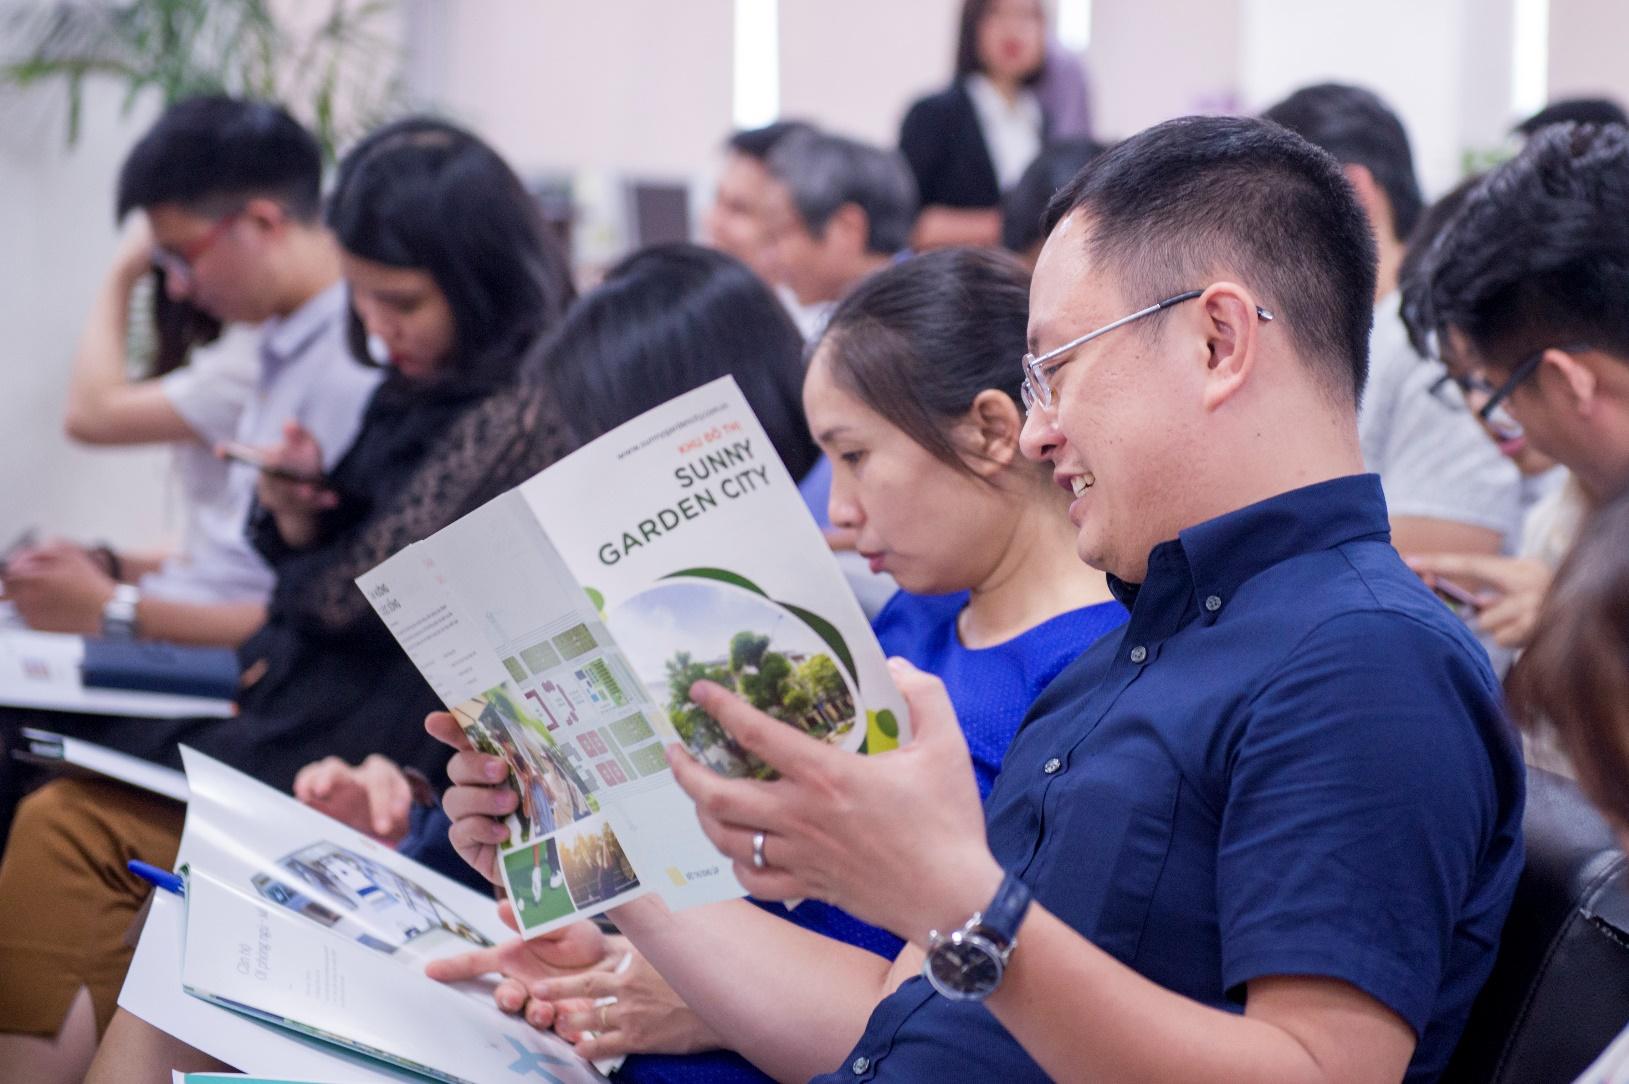 Tập đoàn CEO: Triển vọng kinh doanh tăng trưởng cao trong 6 tháng cuối năm